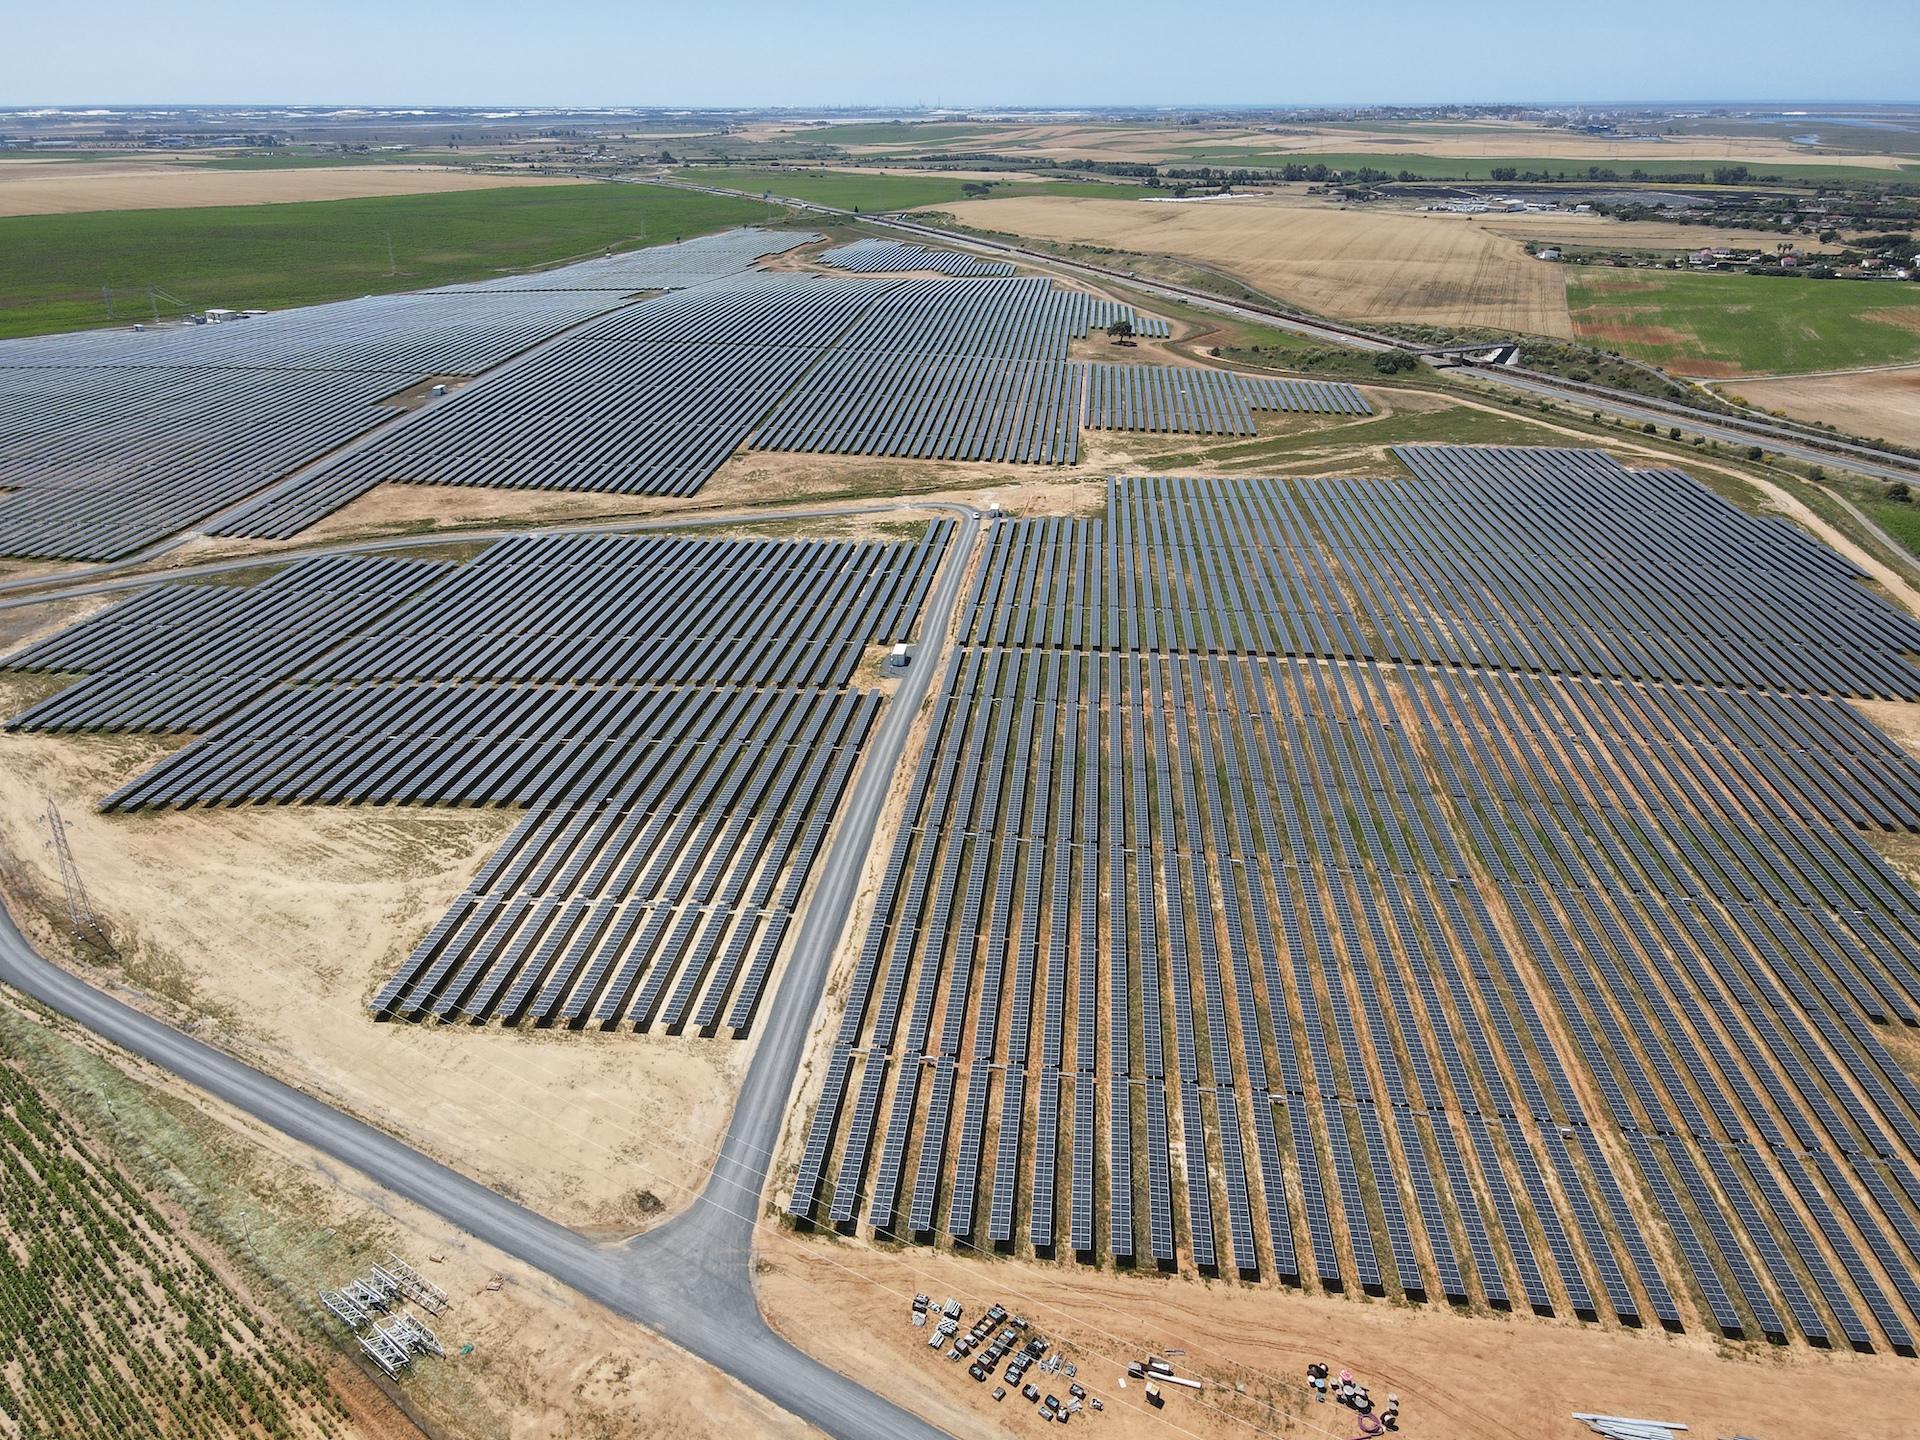 Los proyectos Huelva 2020 y Huelva 2021 generarán la energía equivalente a toda la población del municipio